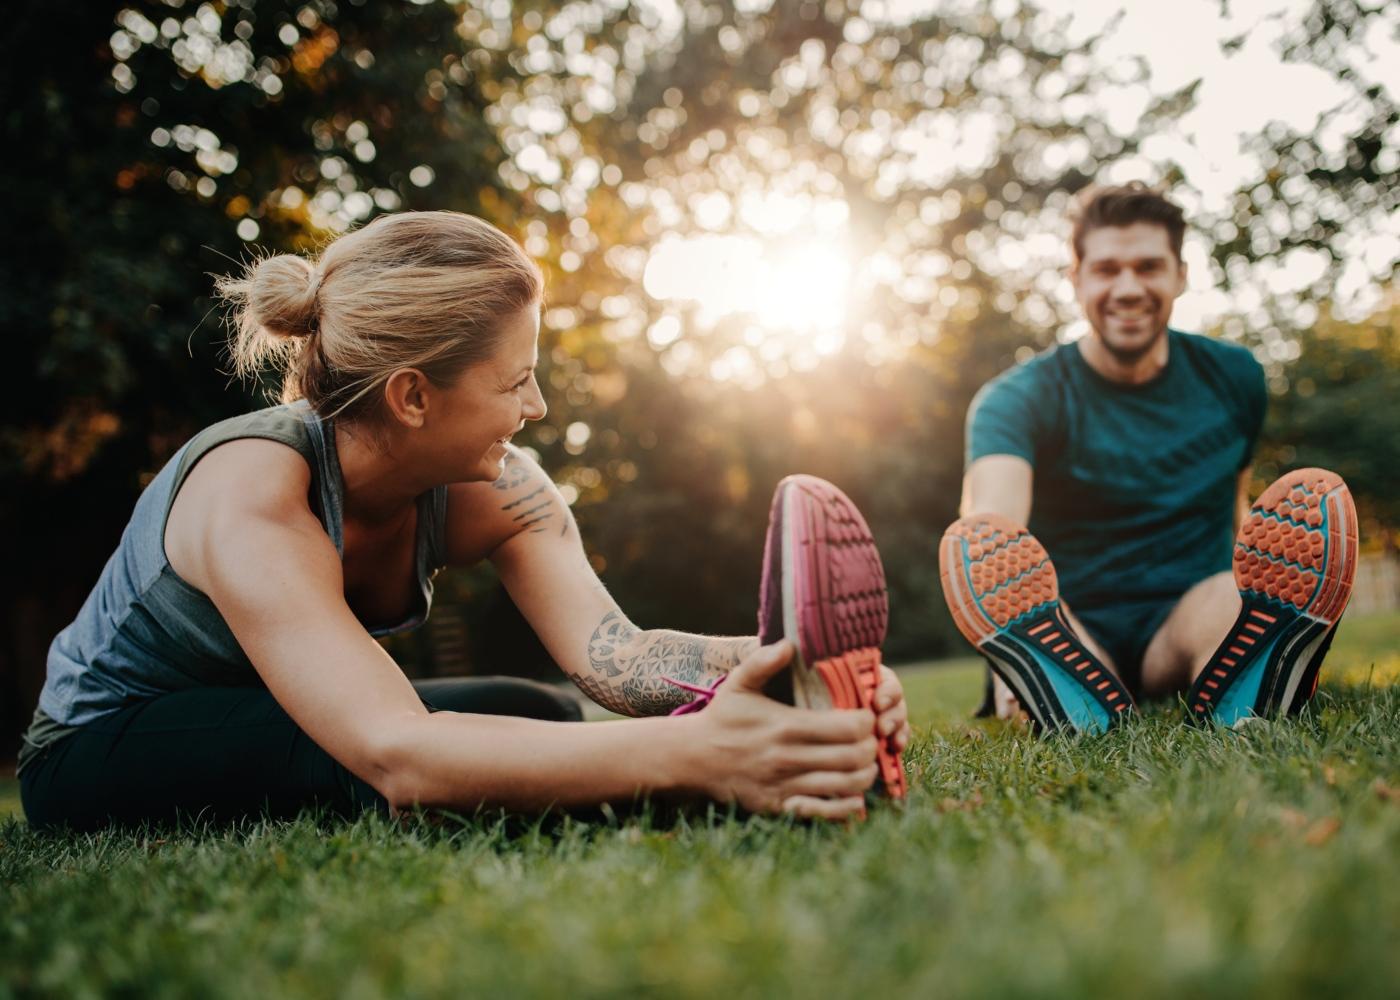 Casal a fazer alongamentos após treino no parque